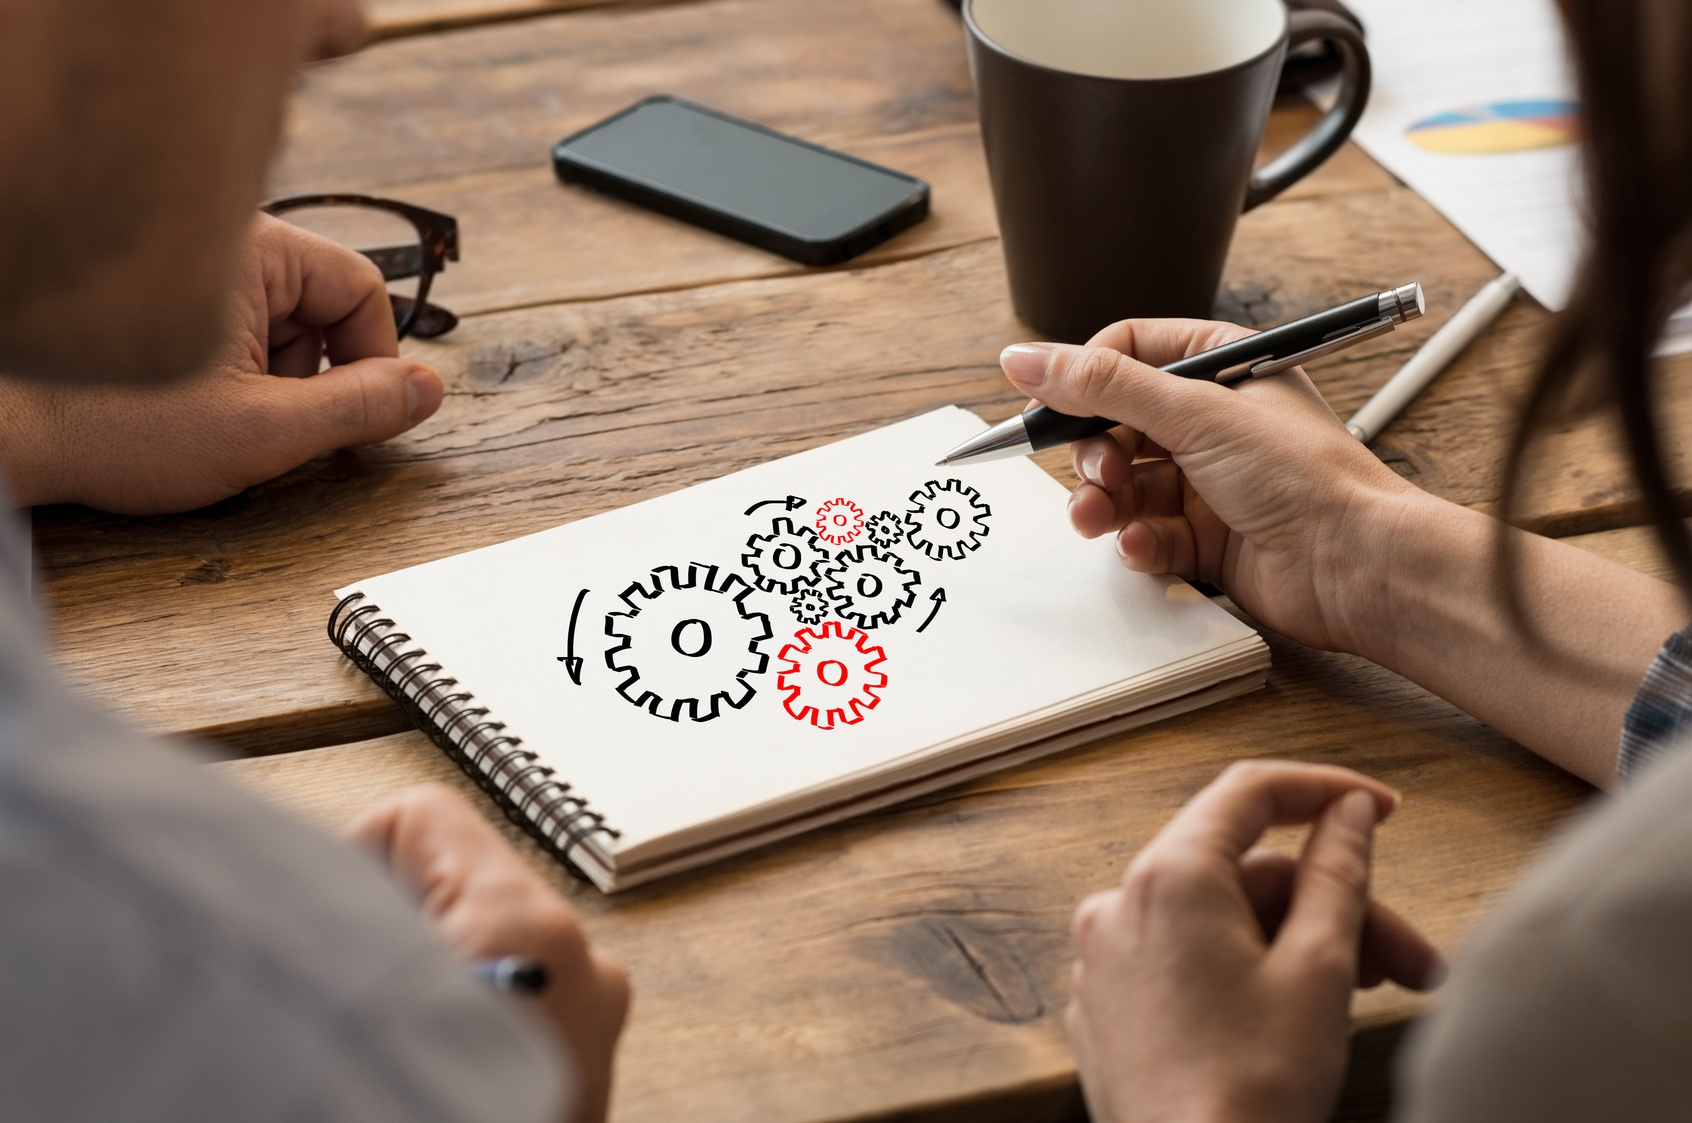 Inbound_Marketing_Plans-1.jpg